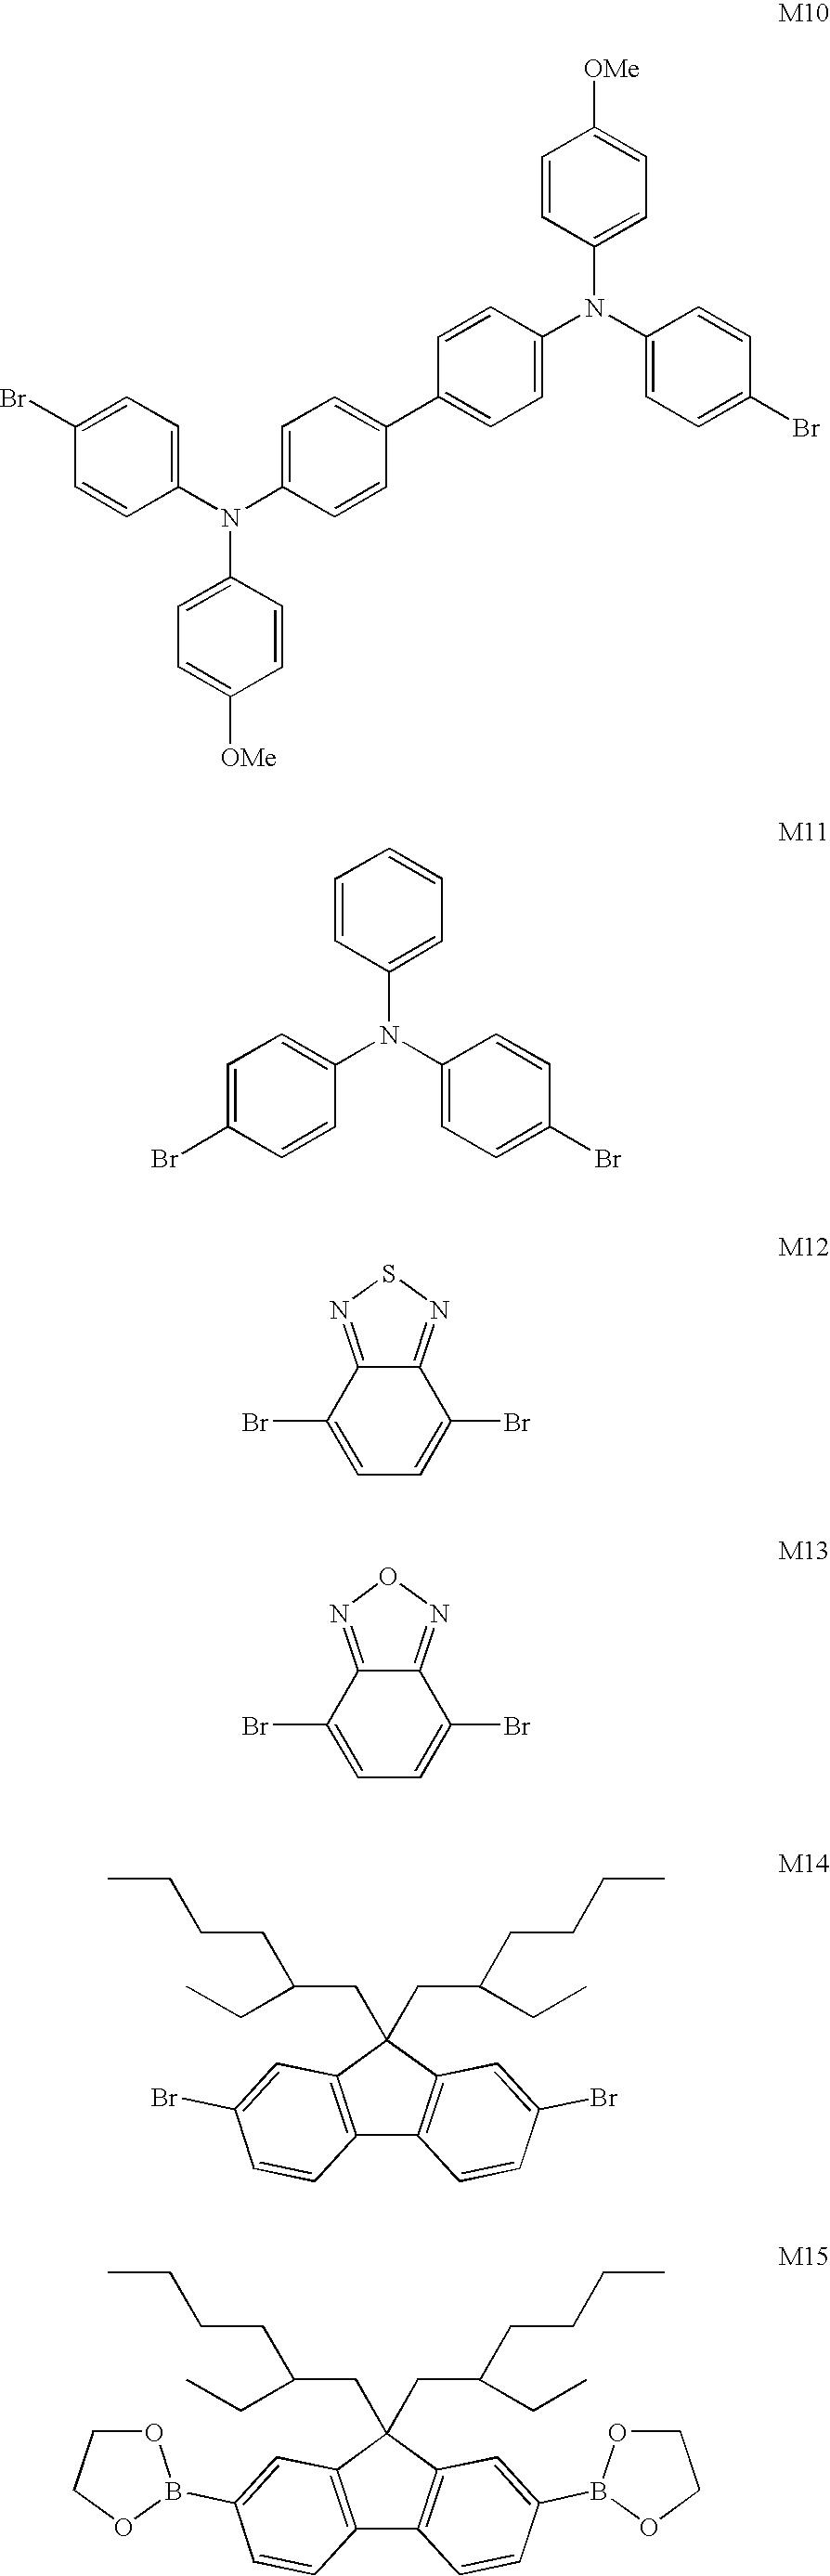 Figure US20060149022A1-20060706-C00020